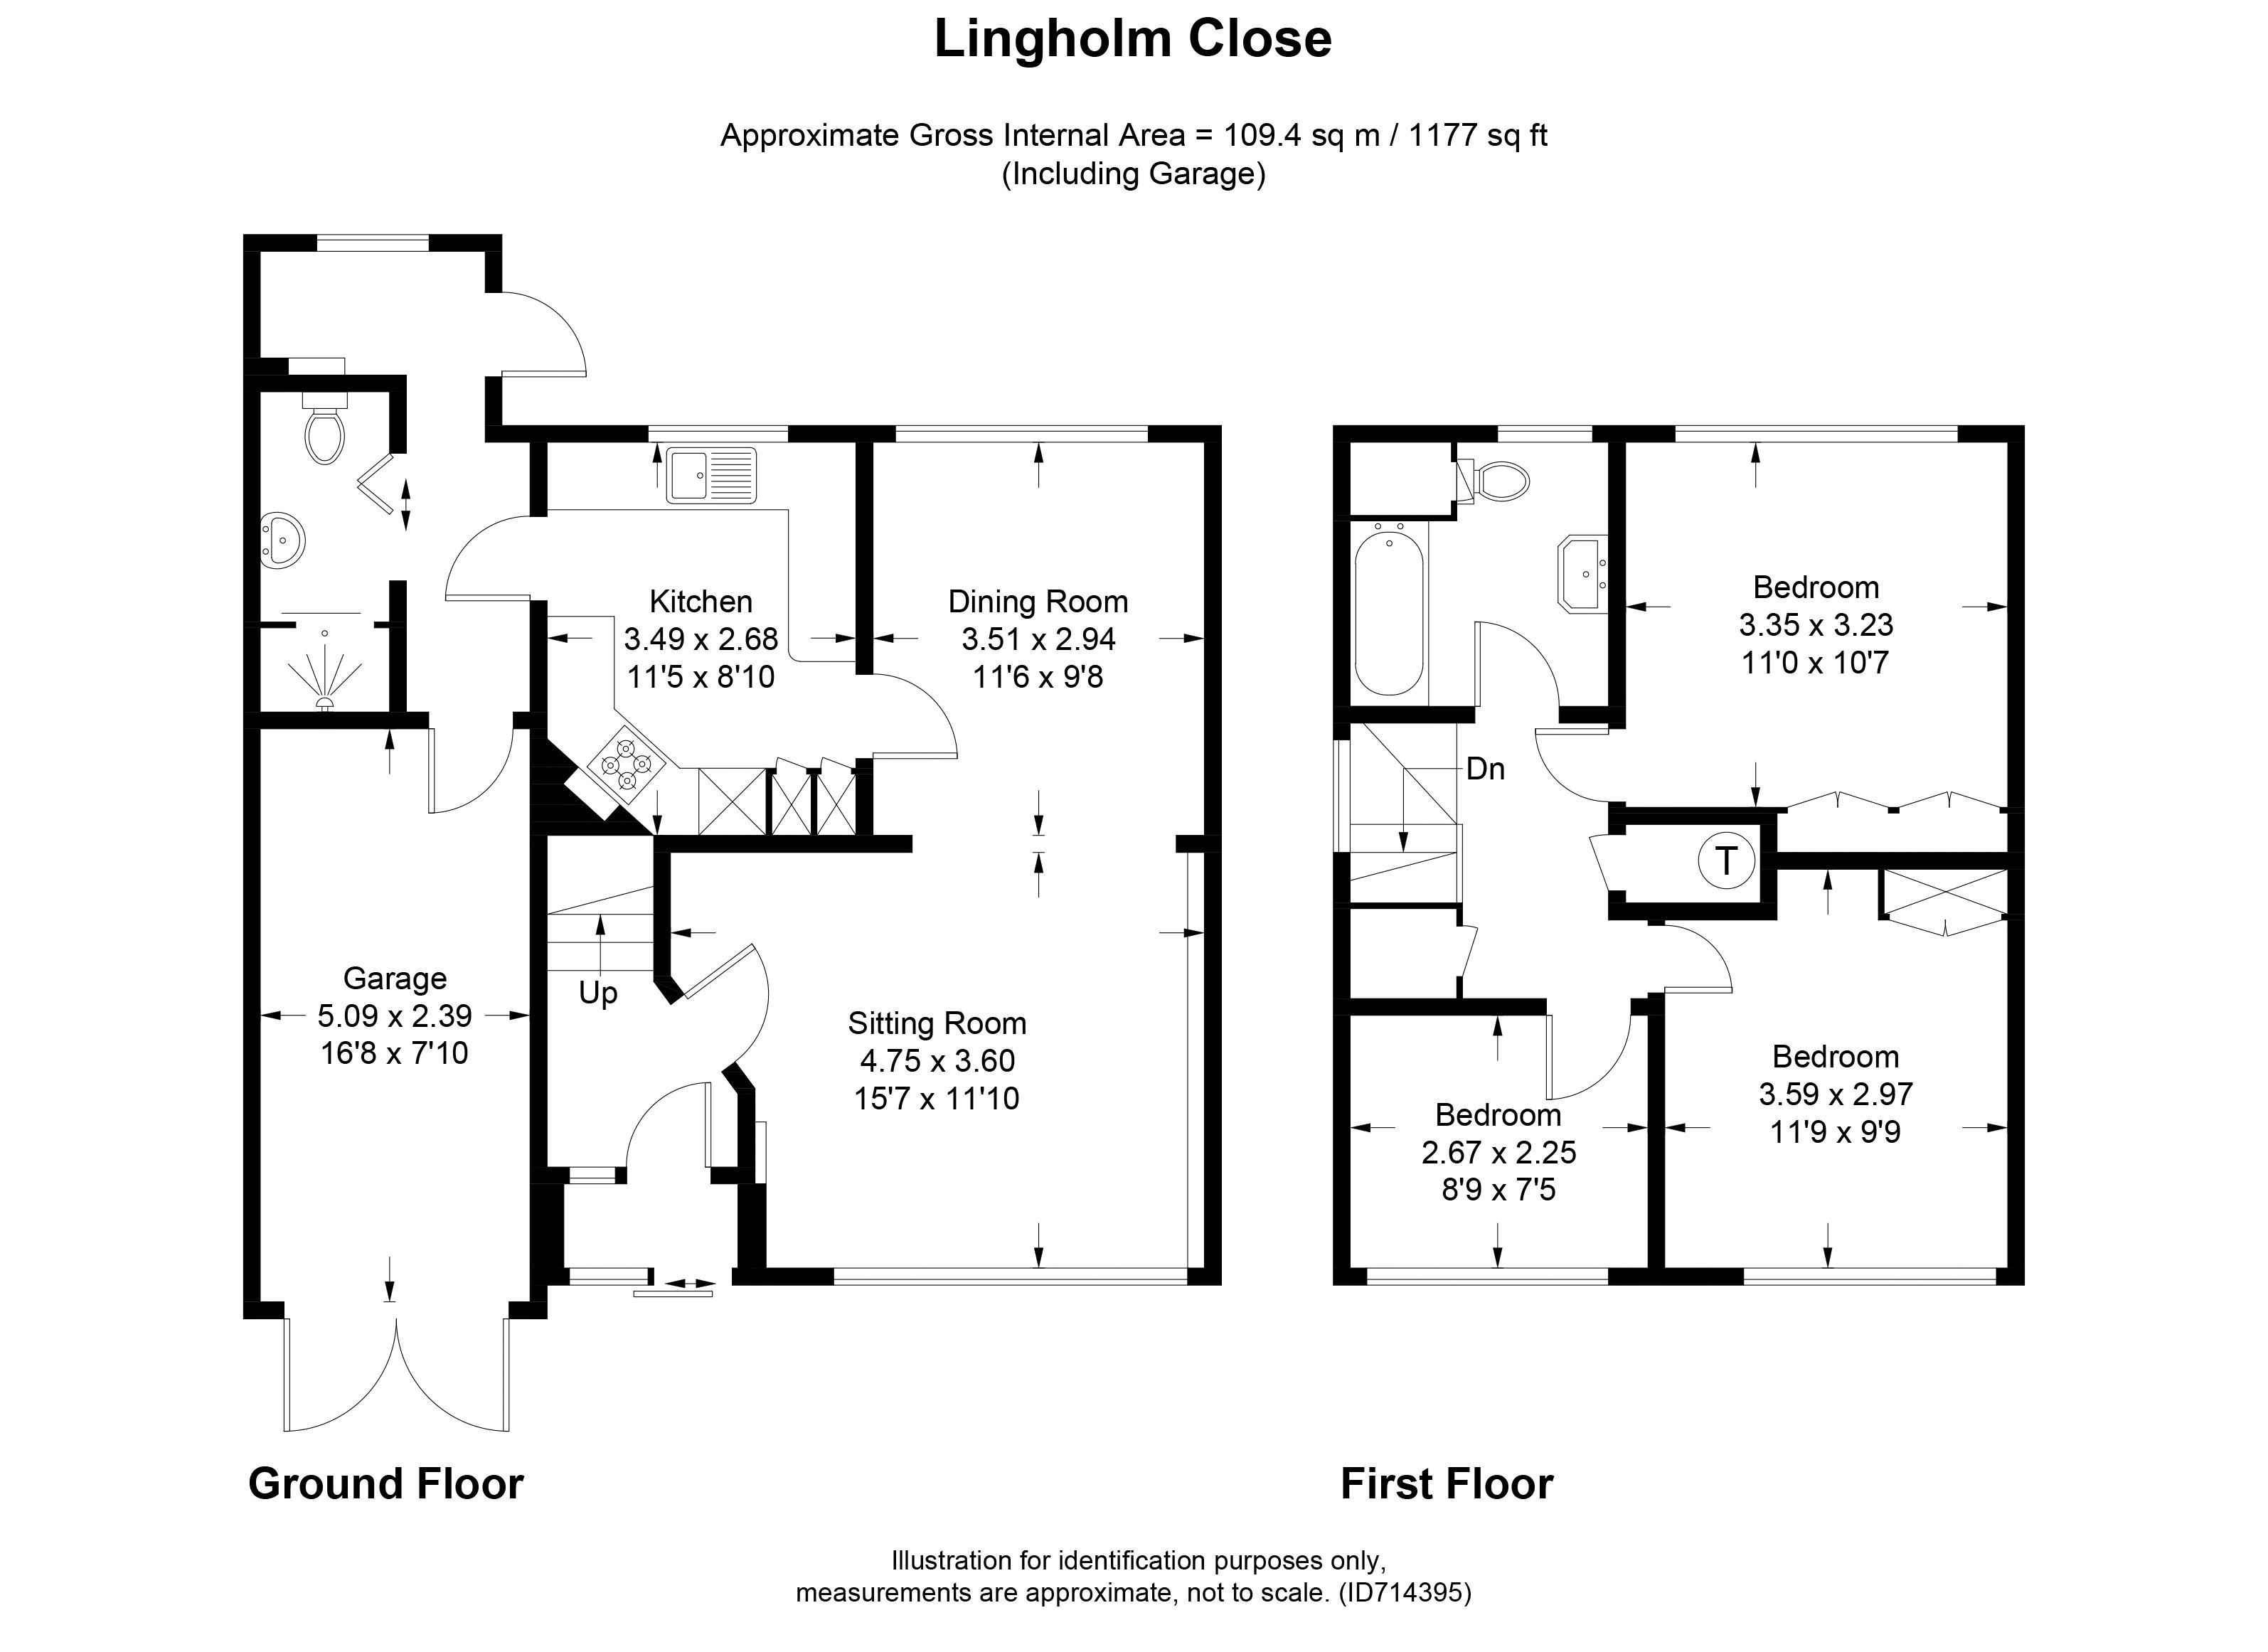 Lingholm Close